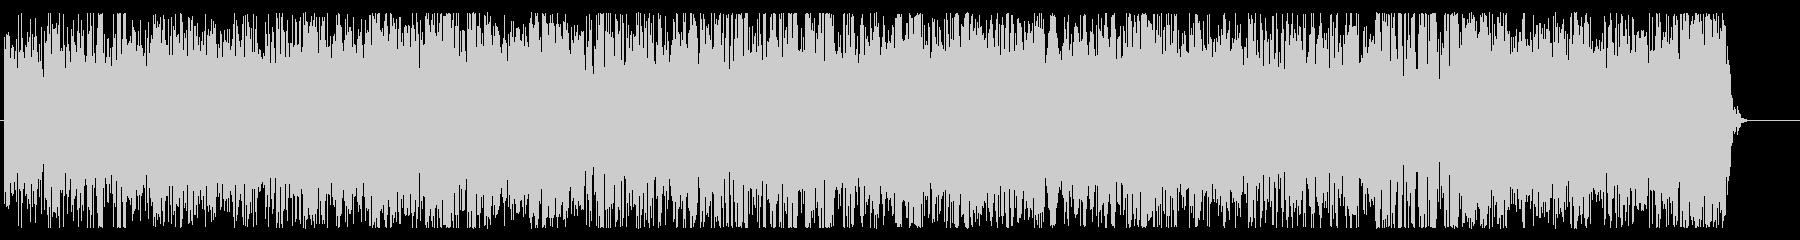 機械の故障、デジタルノイズ、トーン...の未再生の波形